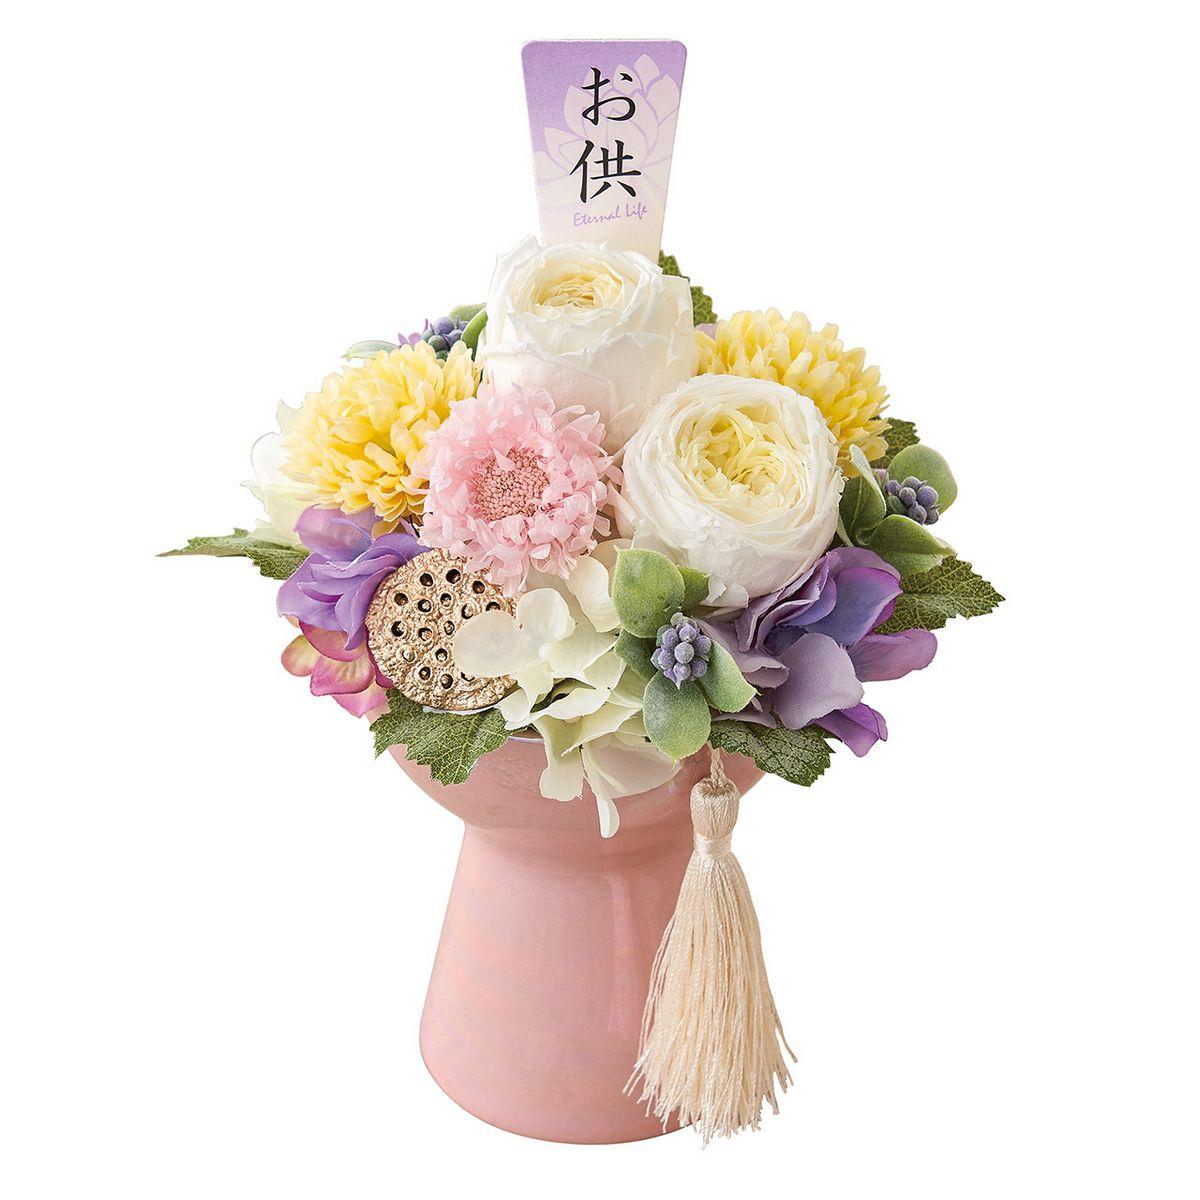 【プリザーブドフラワー】憧華 (とうか)/ZY005030【01】【取寄】[2個]